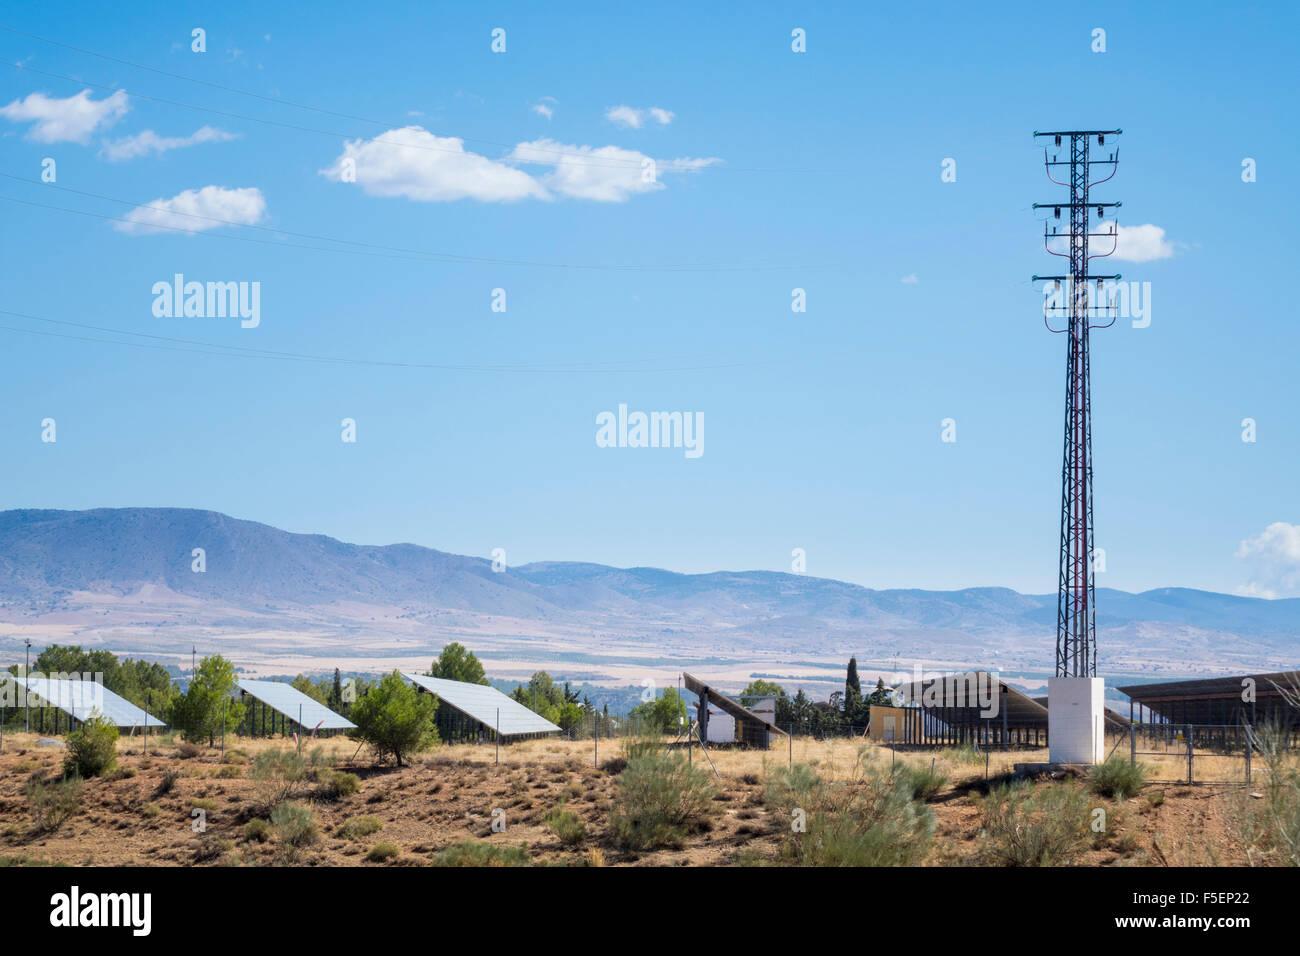 Rangée de panneaux solaires et de l'électricité au pylône à ferme solaire dans le sud Photo Stock